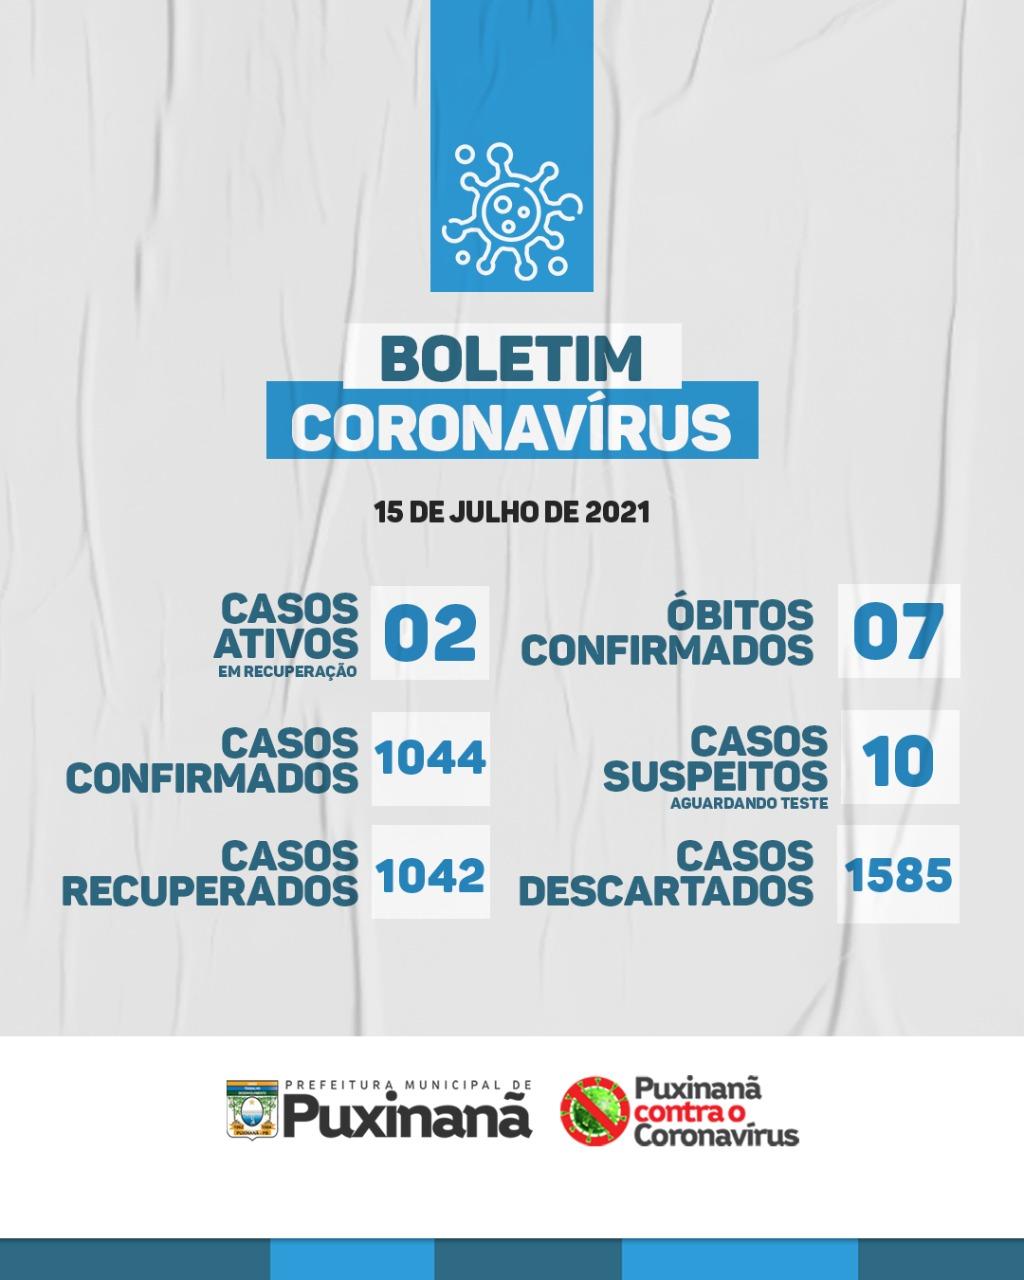 Boletim epidemiológico atualizado, em: 15/07/2021